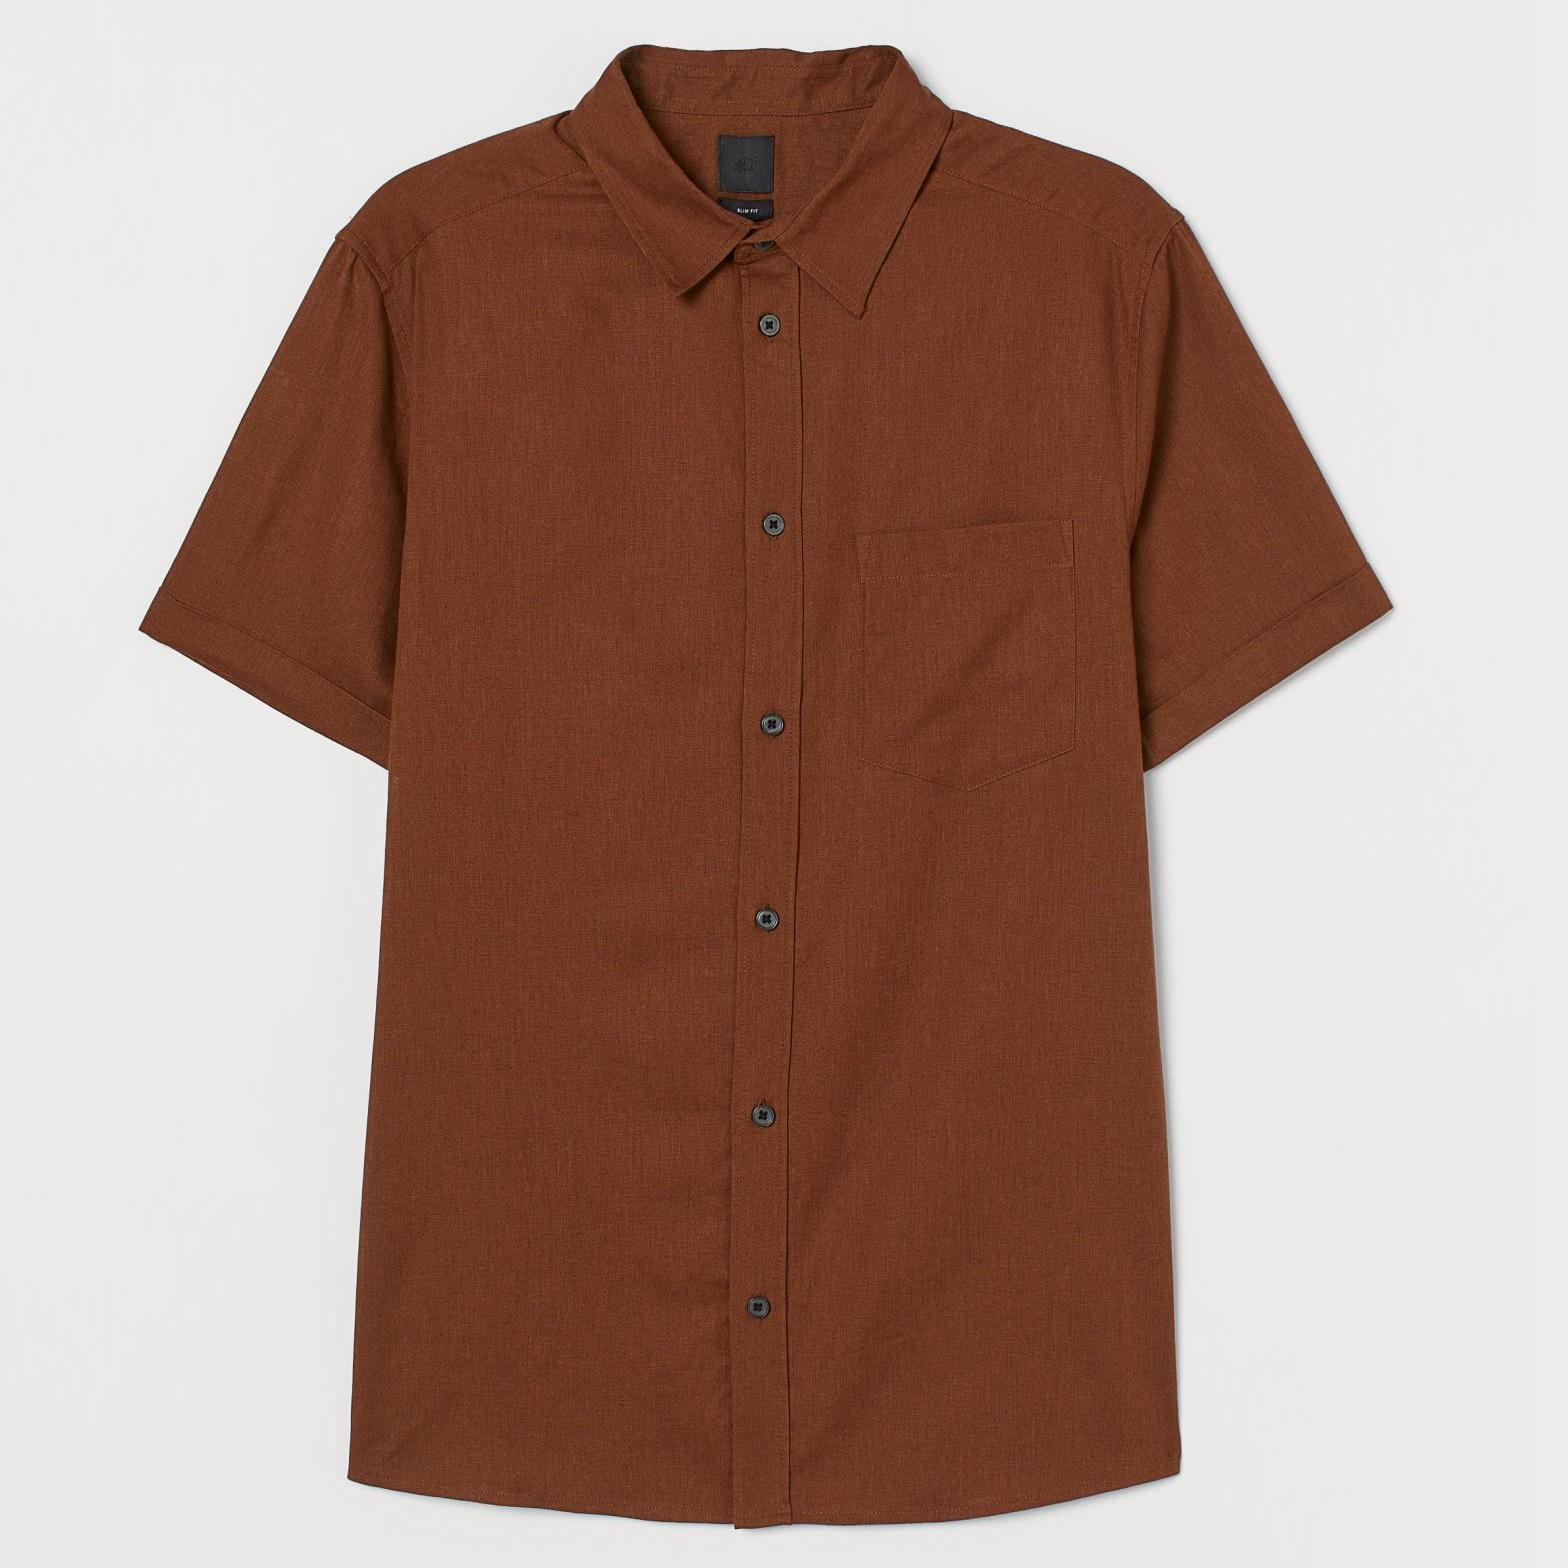 پیراهن آستین کوتاه مردانه اچ اند ام مدل 0805778002